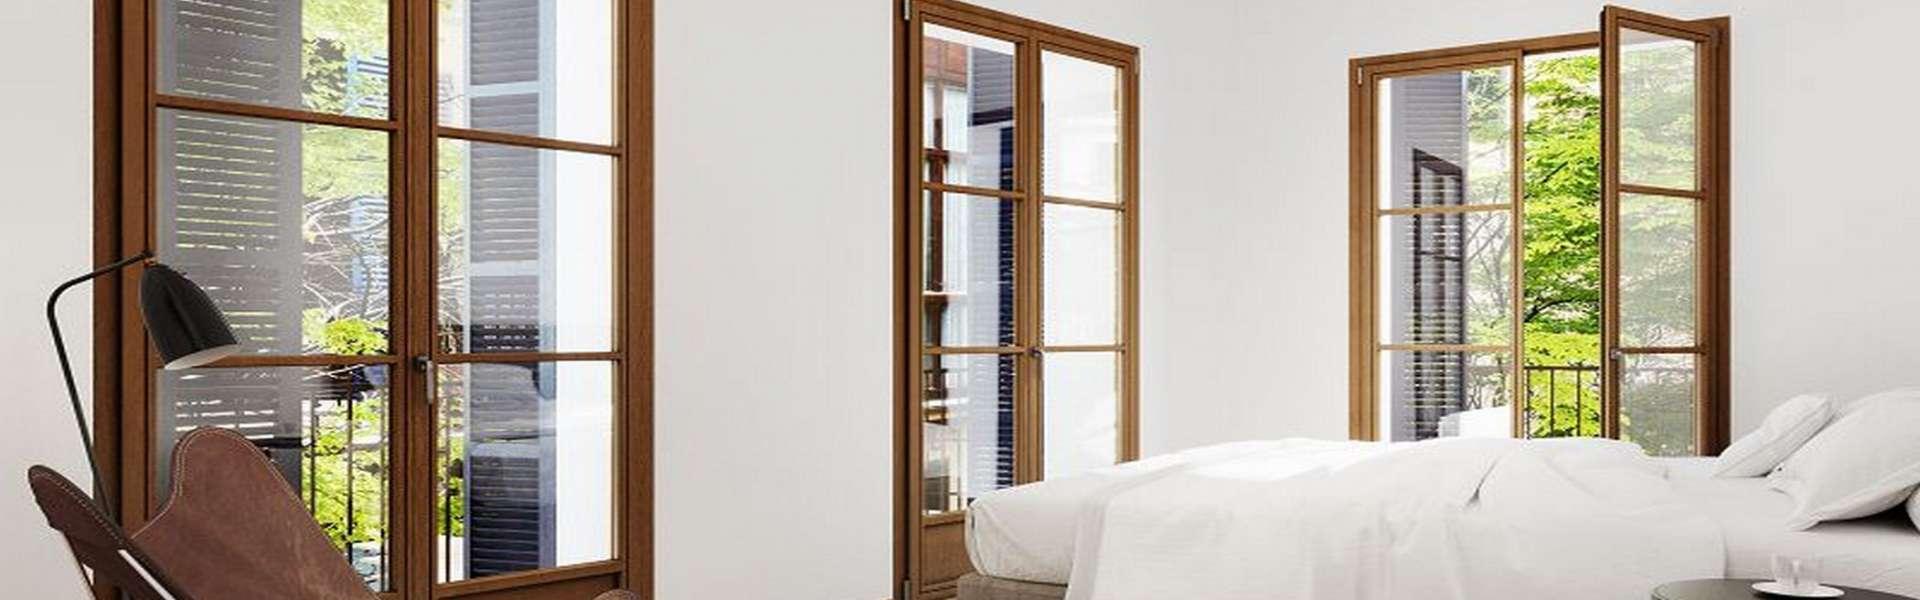 Palma/Casco antiguo - Gran apartamento en ubicación central